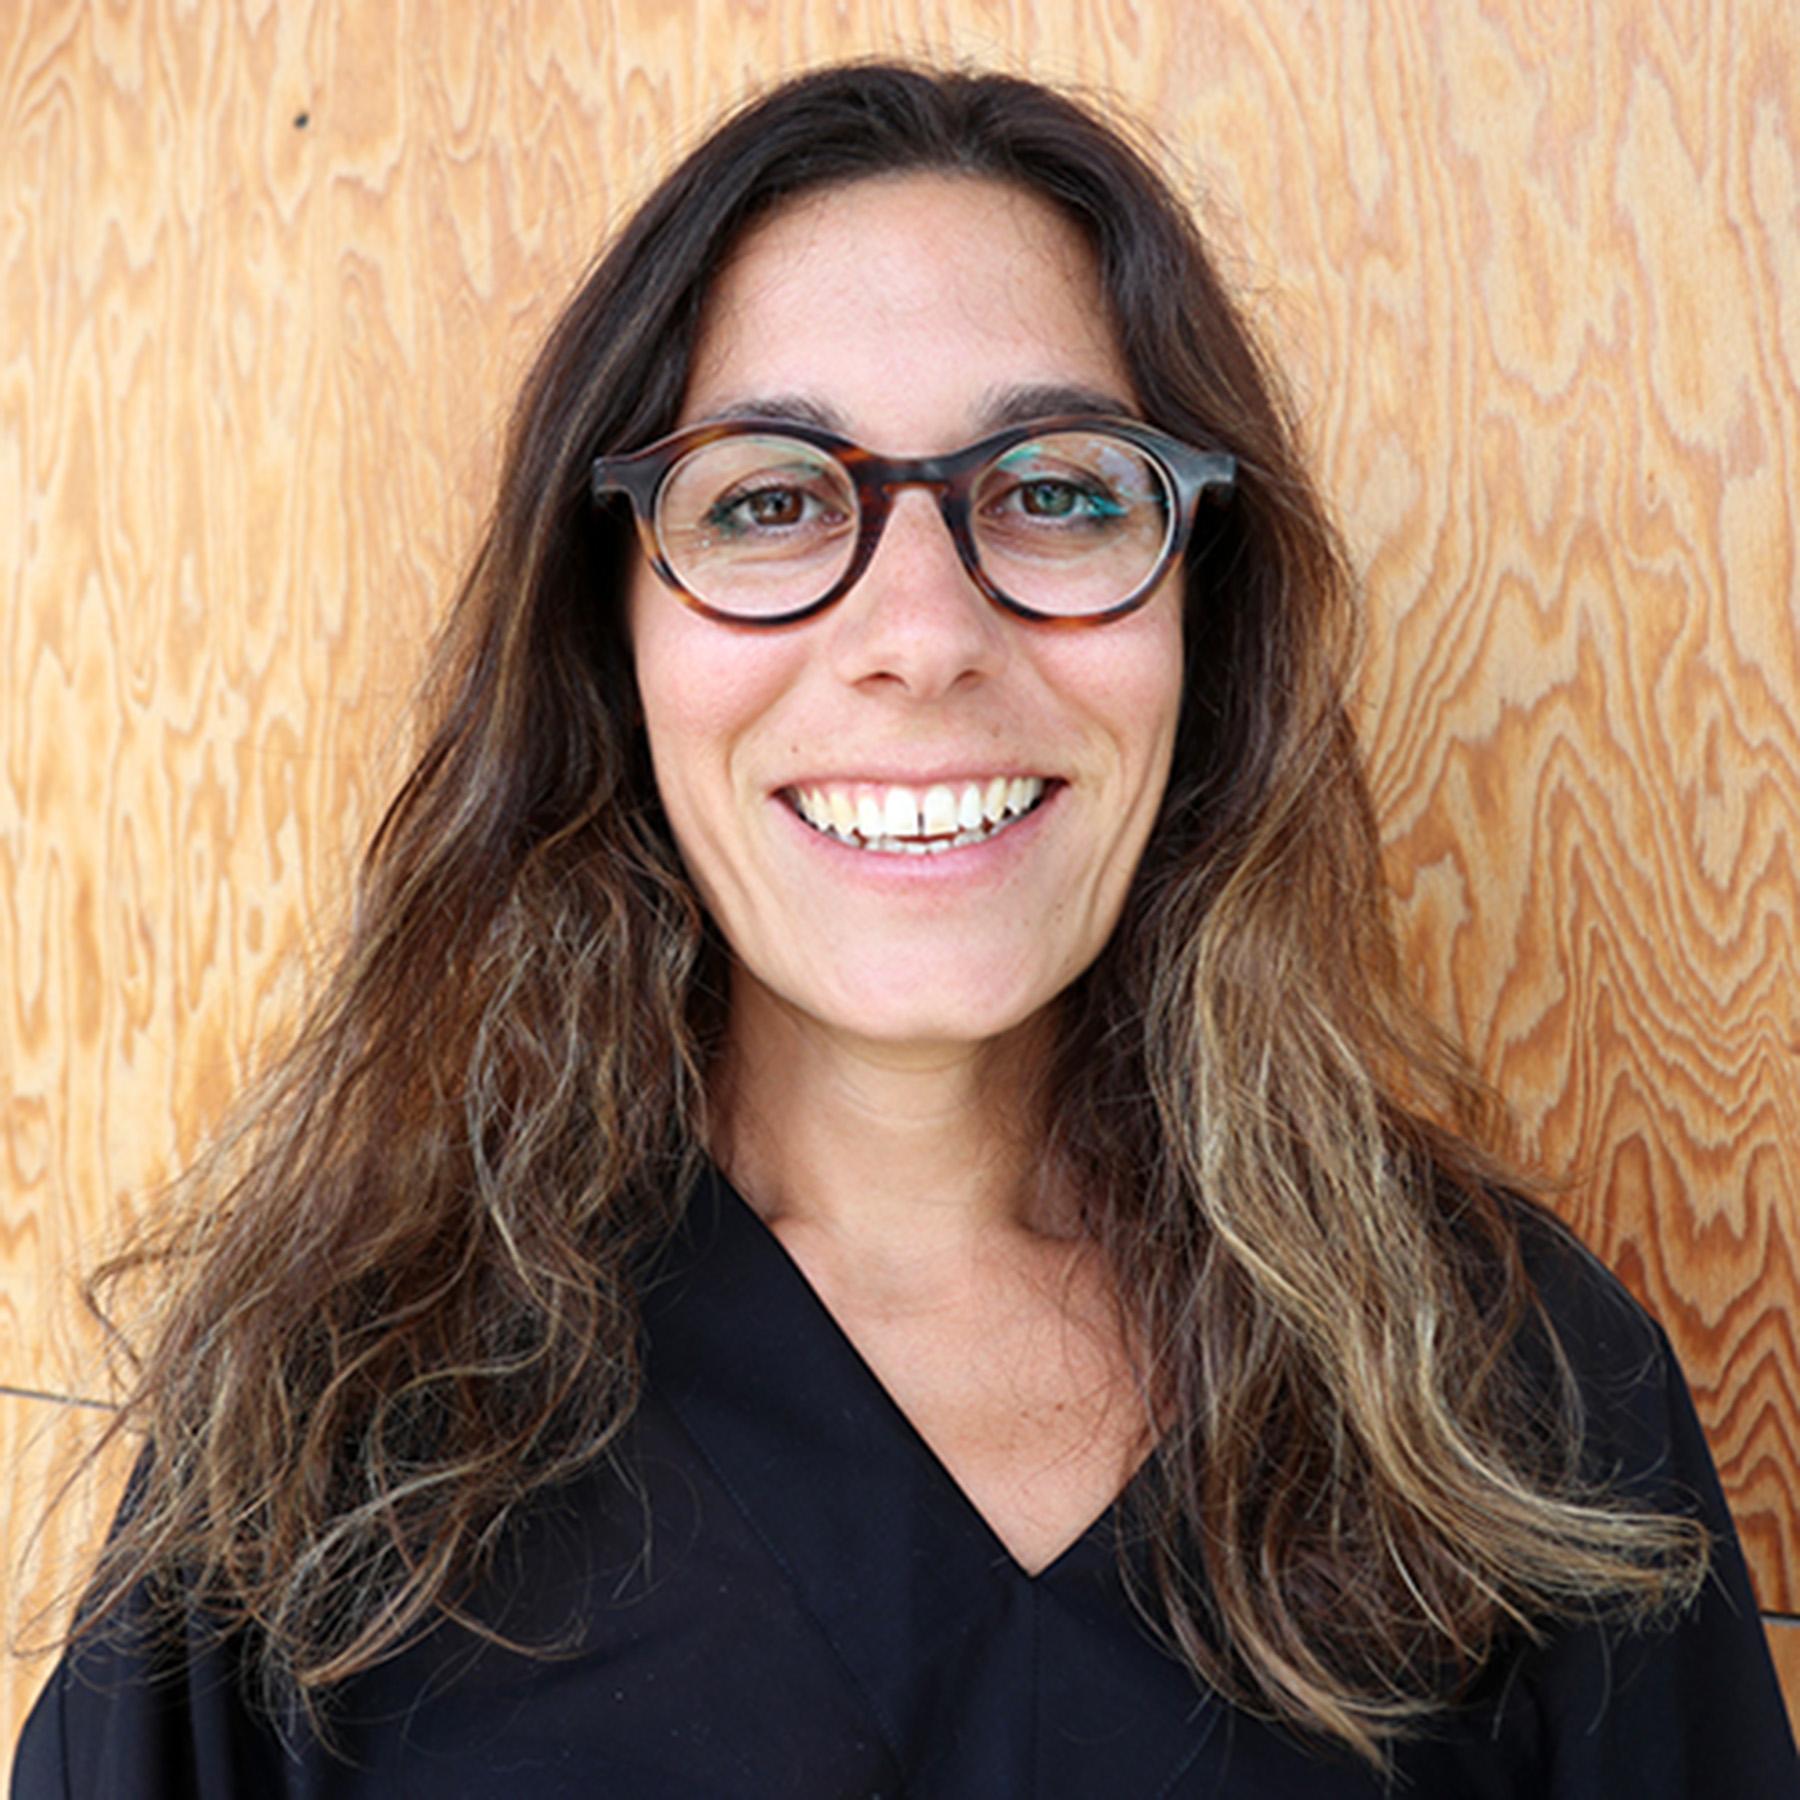 Veronica Mognato